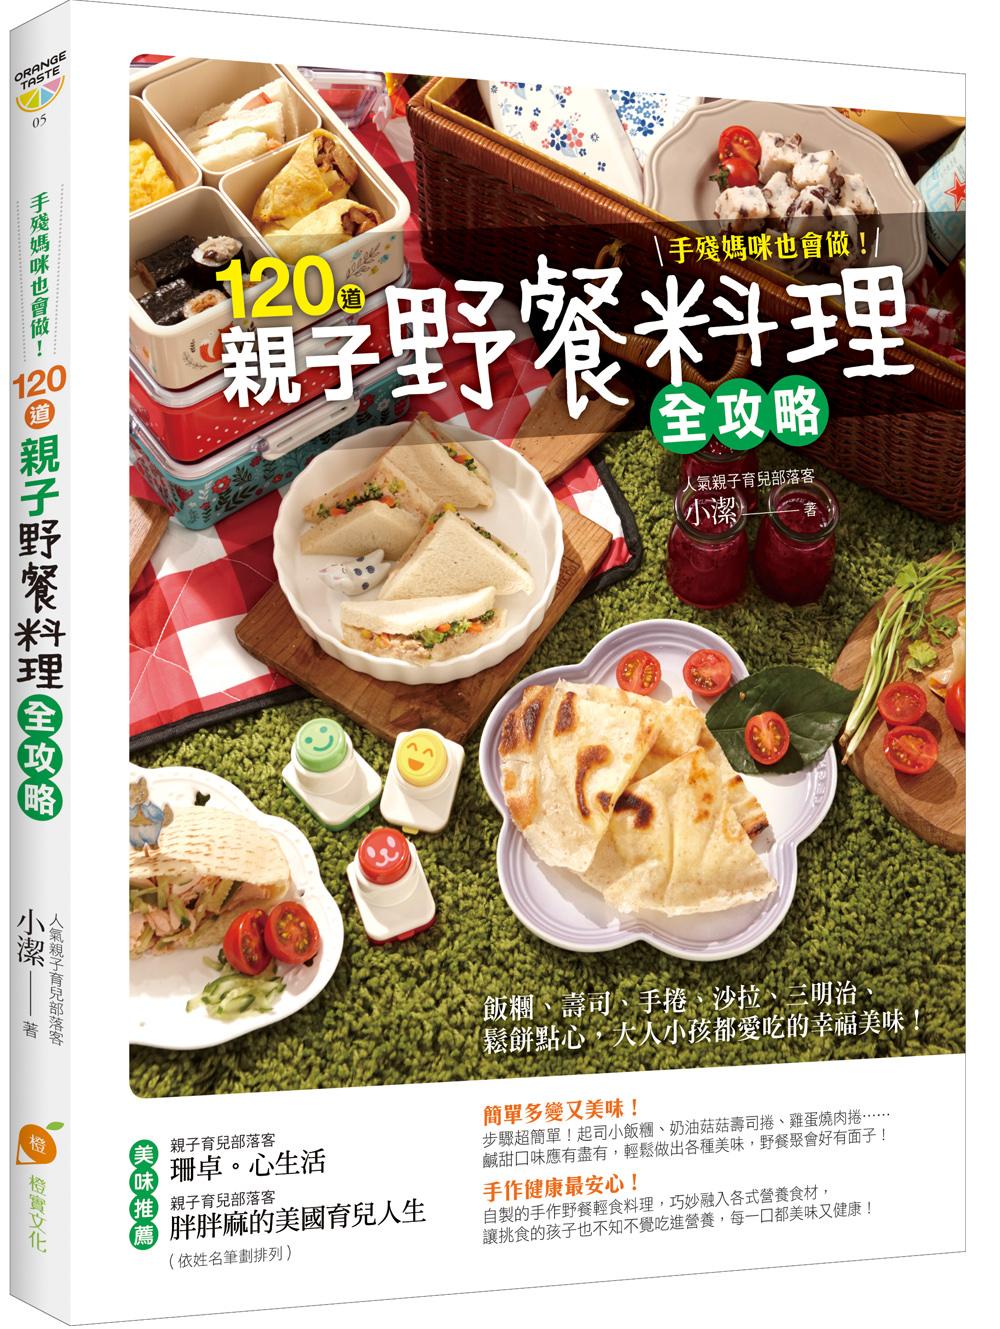 『書二寶』不一樣的野餐路線,野餐食譜也可以很簡單